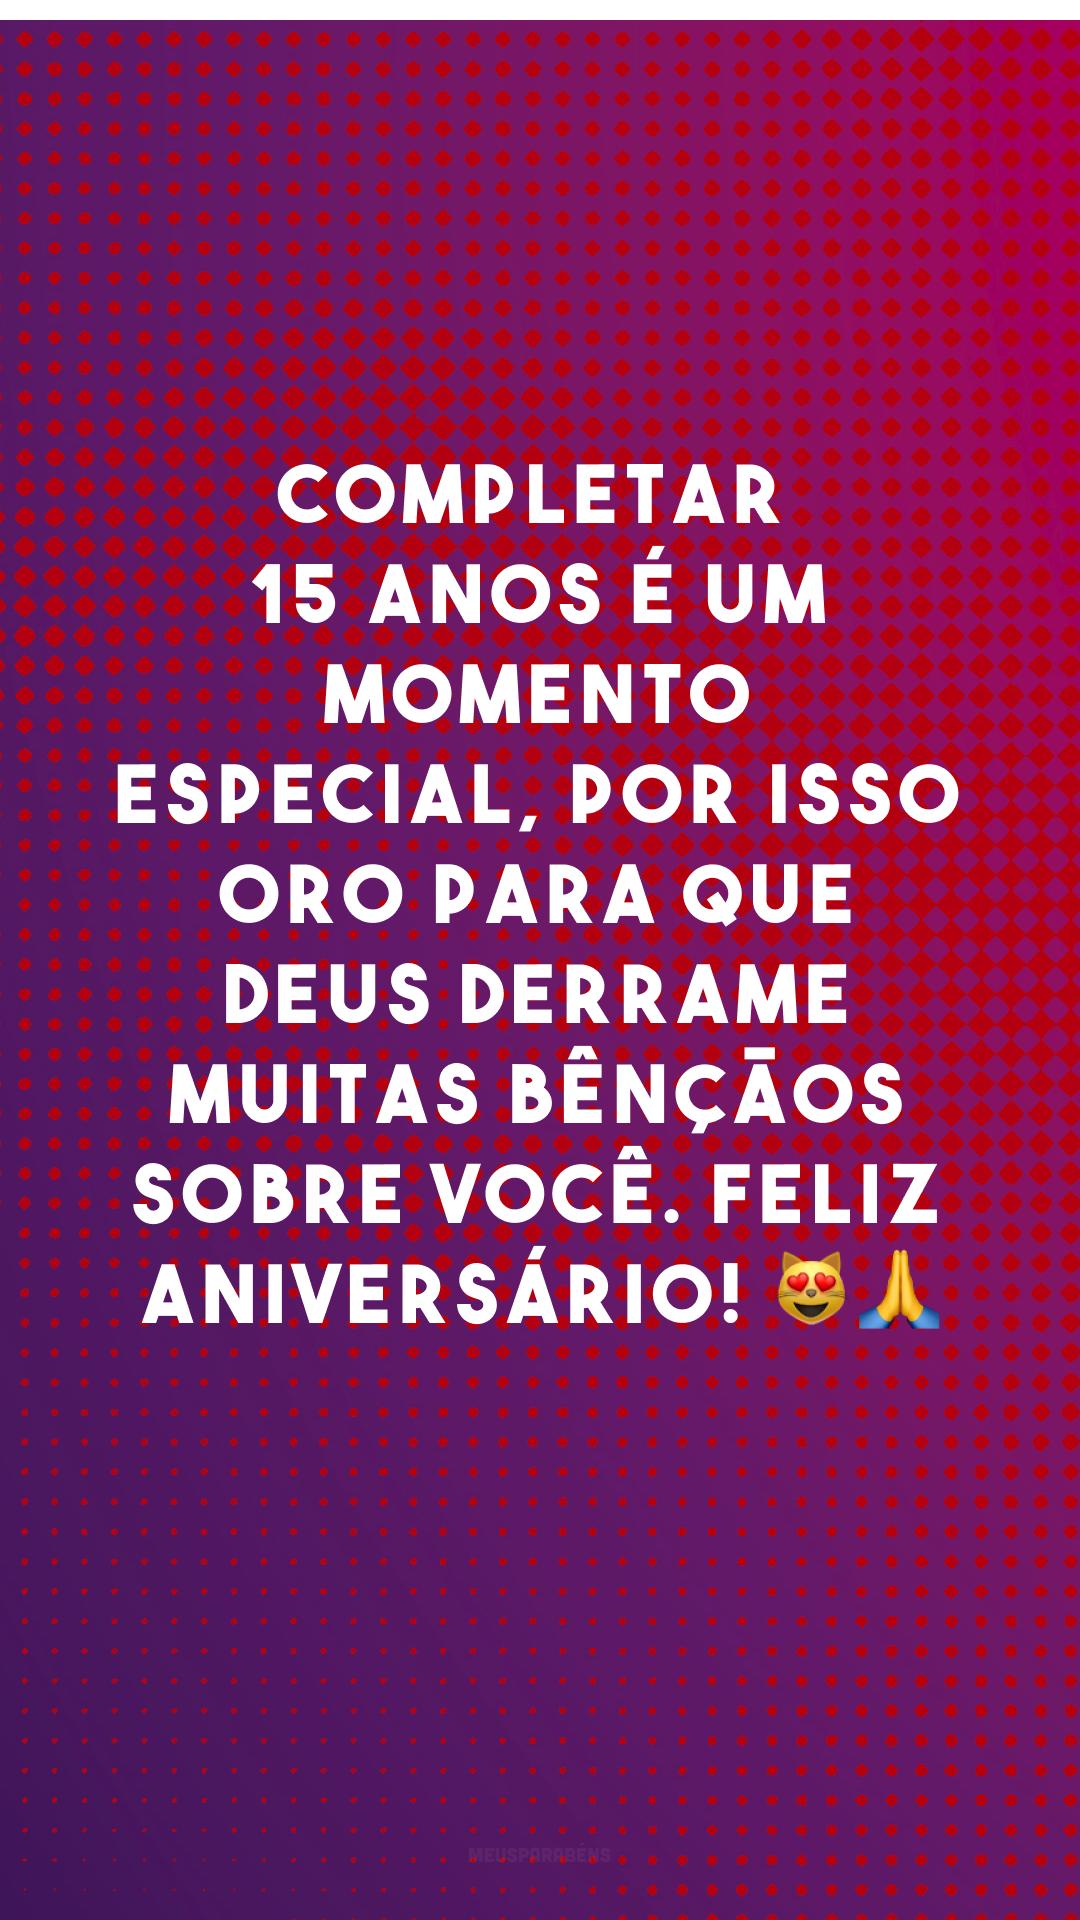 Completar 15 anos é um momento especial, por isso oro para que Deus derrame muitas bênçãos sobre você. Feliz aniversário! 😻🙏